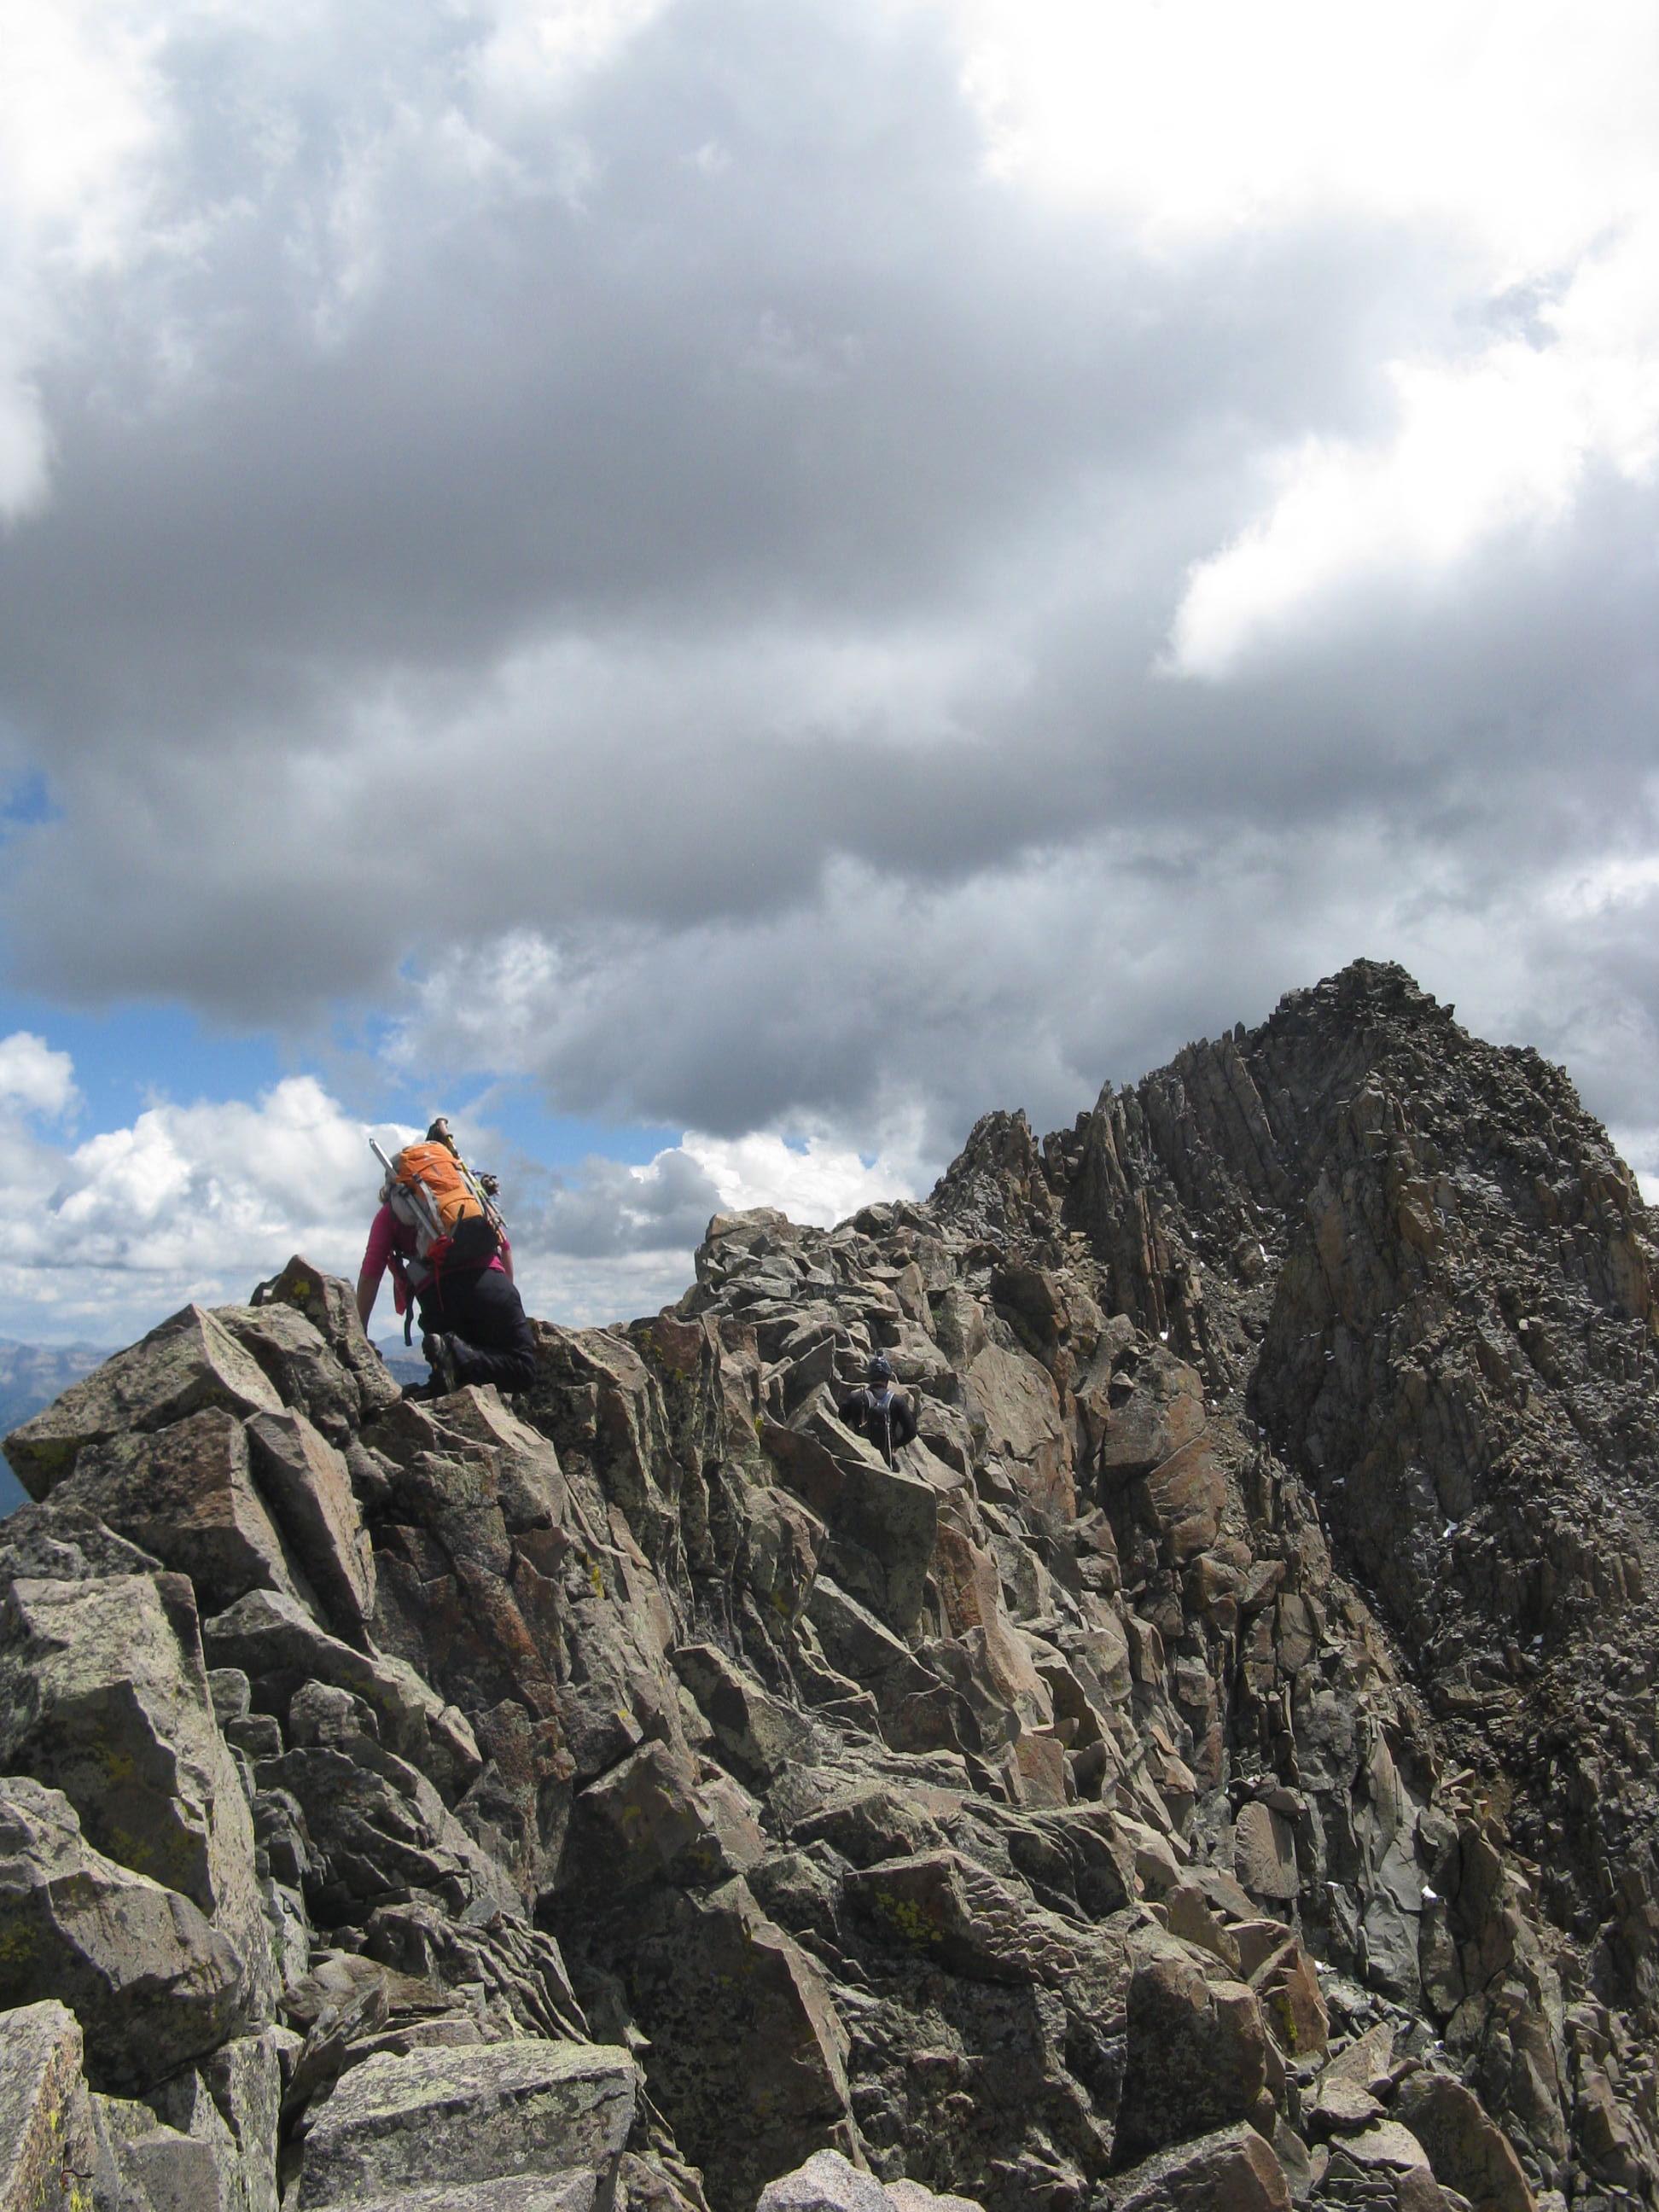 The mile long ridge between El Diente and Mt. Wilson